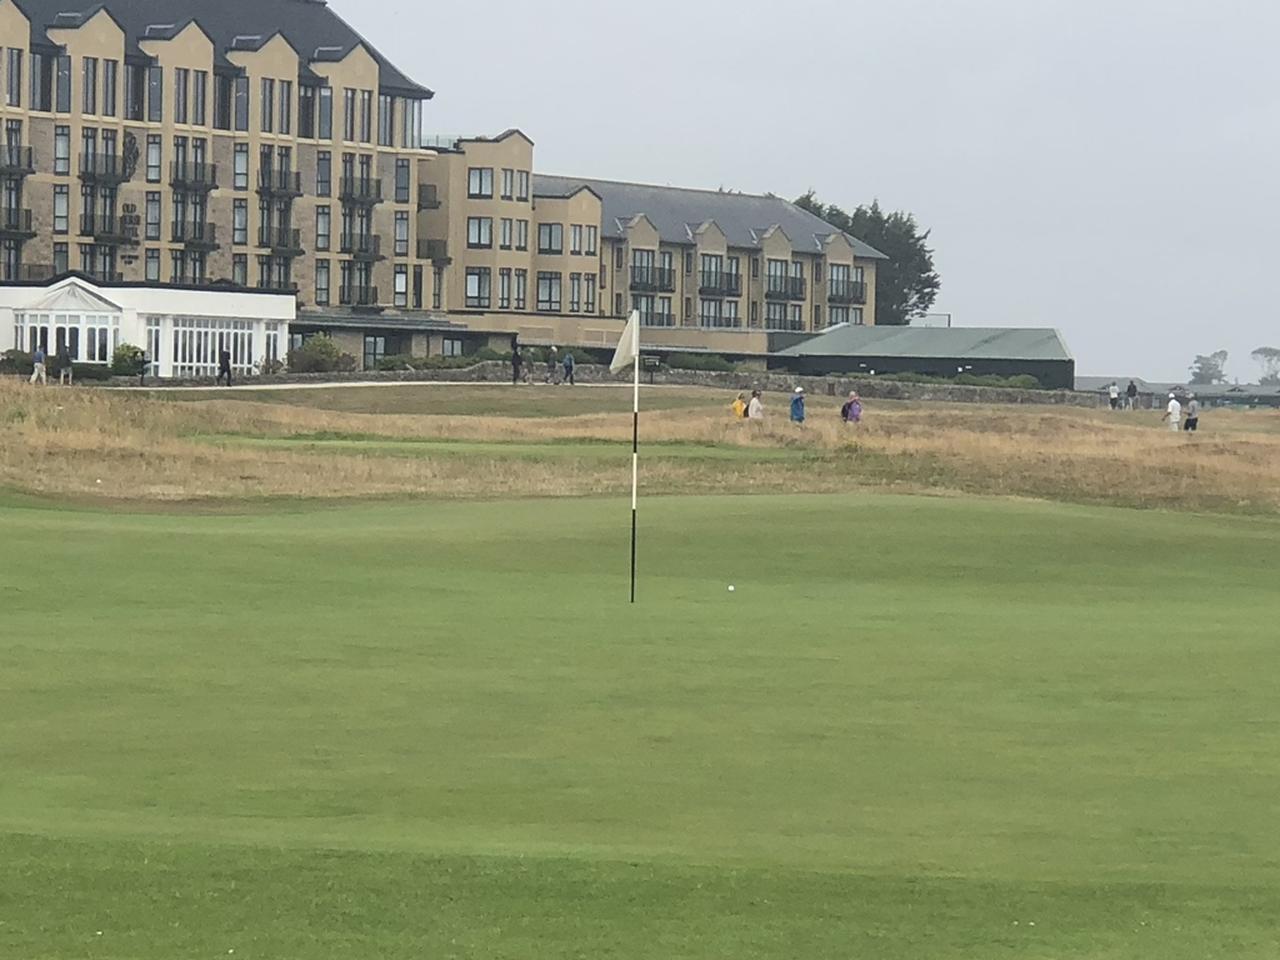 画像: オールドコースは1番と17番、18番を除いたすべてのホールでグリーンをふたつのホールで共有しており、フラッグの色で見分けている